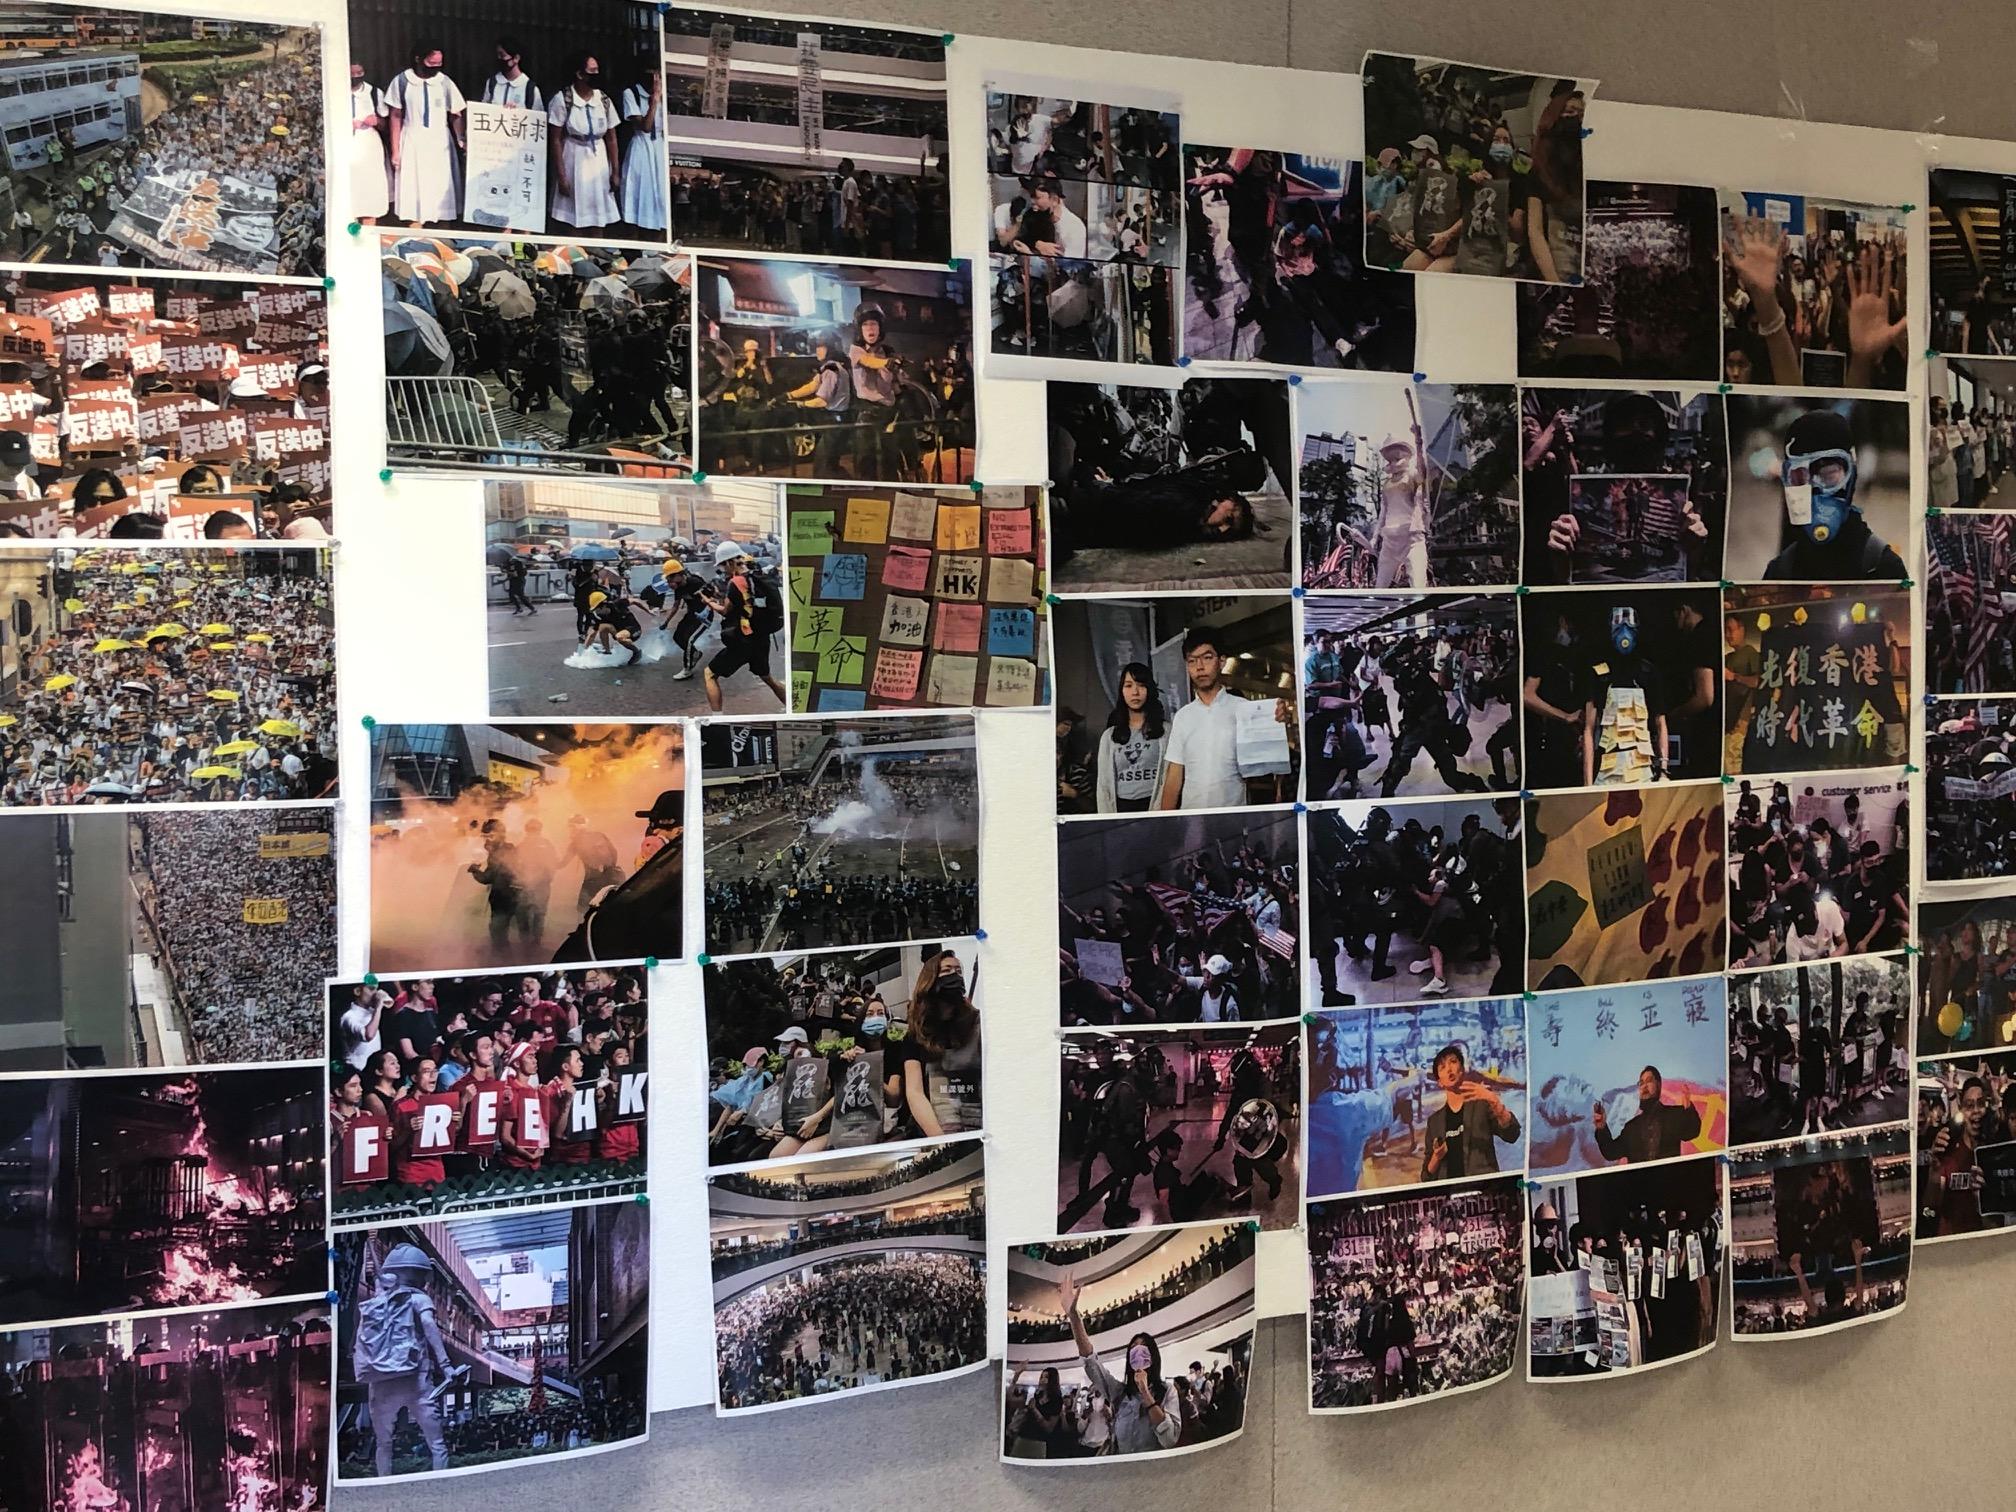 會場外展示了整個「反送中」運動各個時期的照片。(大紀元)